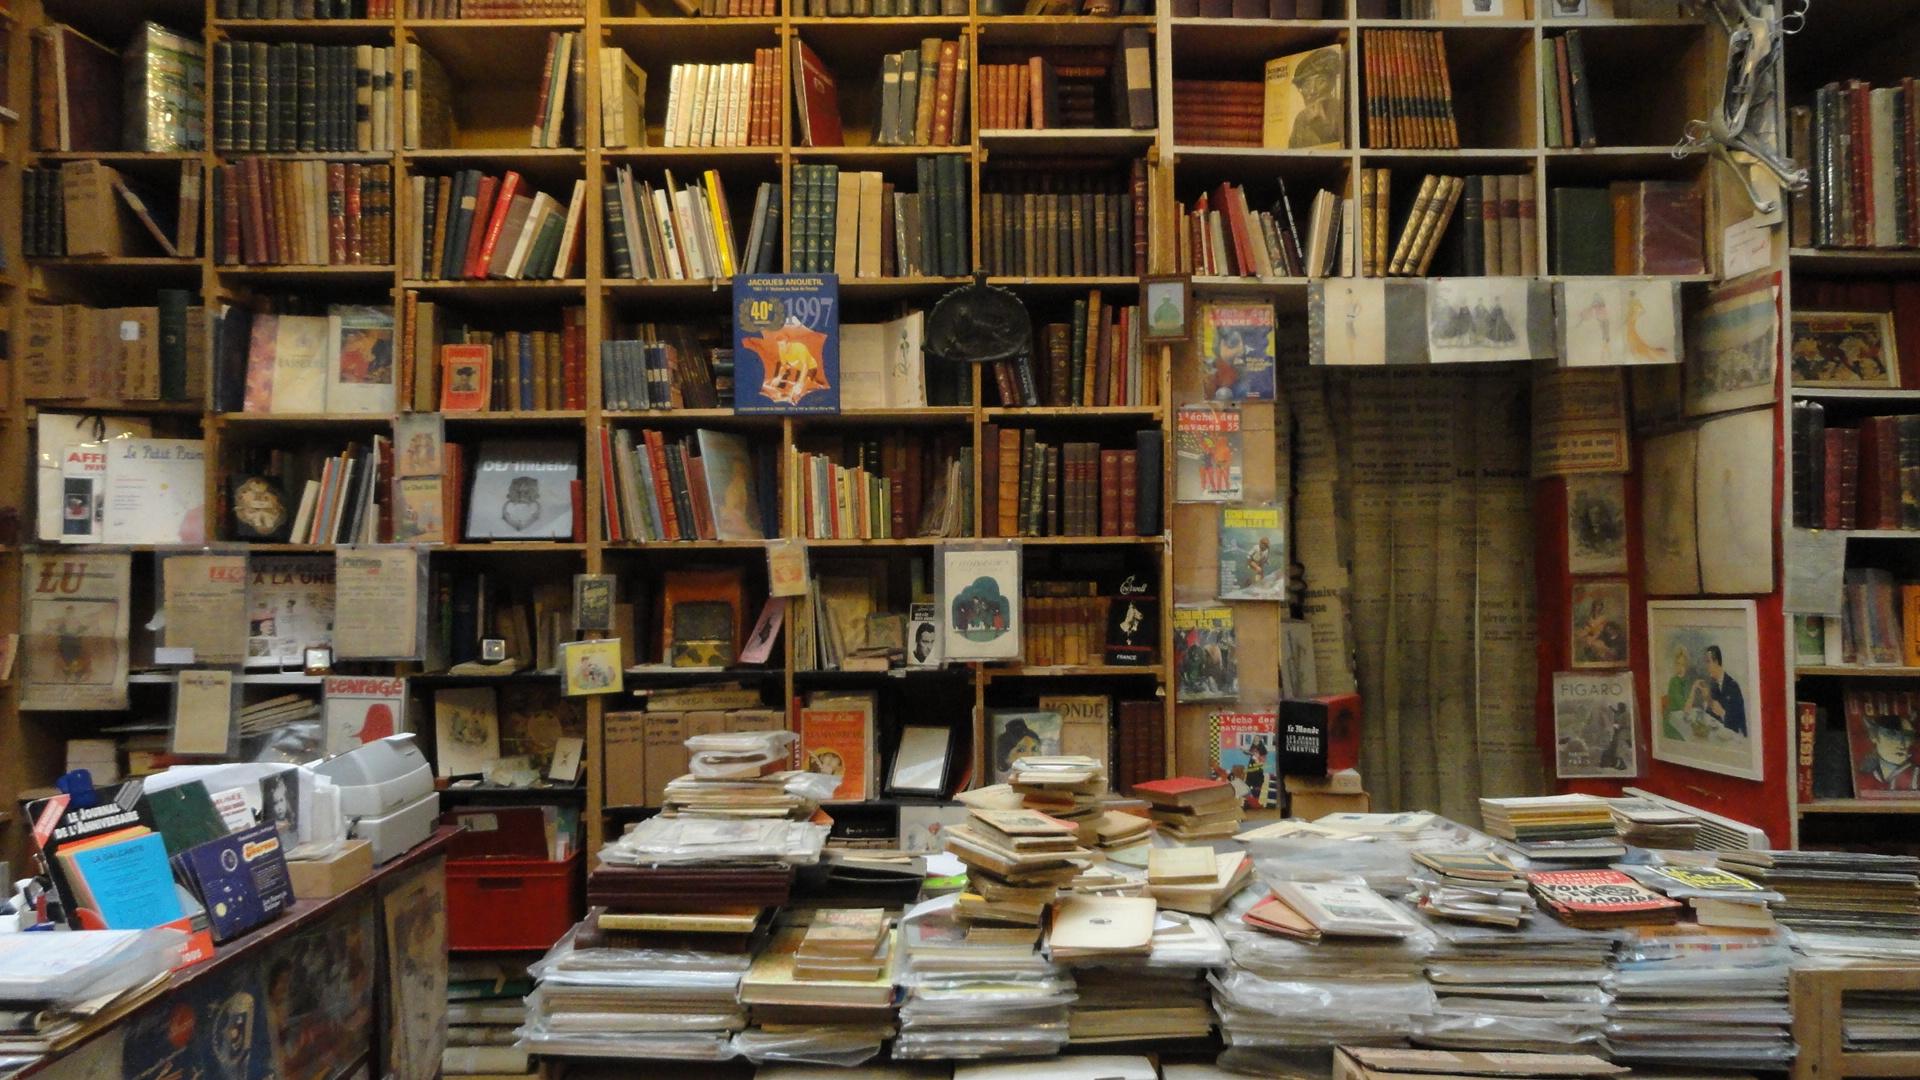 La Galcante - 52 rue de l'Arbre Sec, Paris 1er